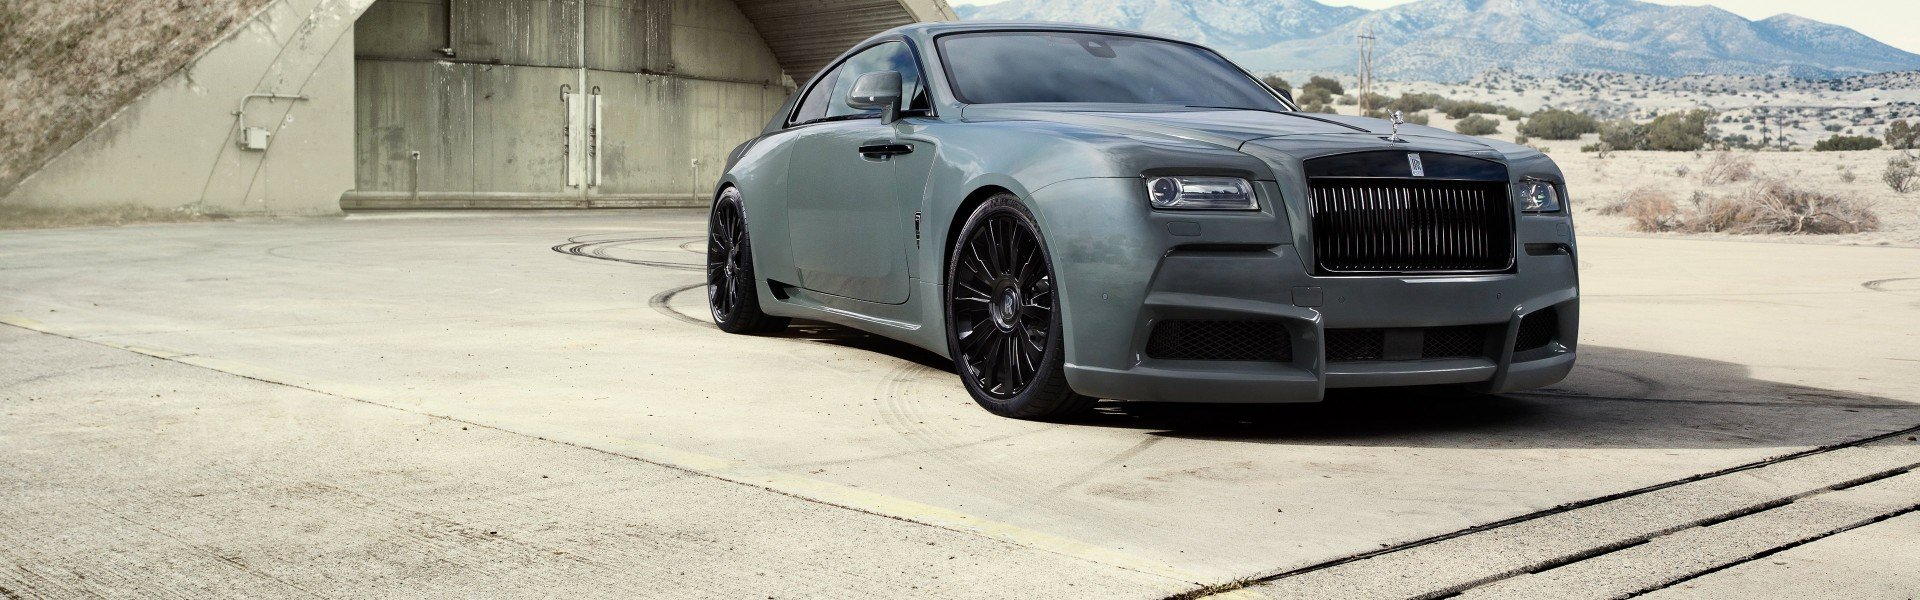 Novitec Rolls Royce ni